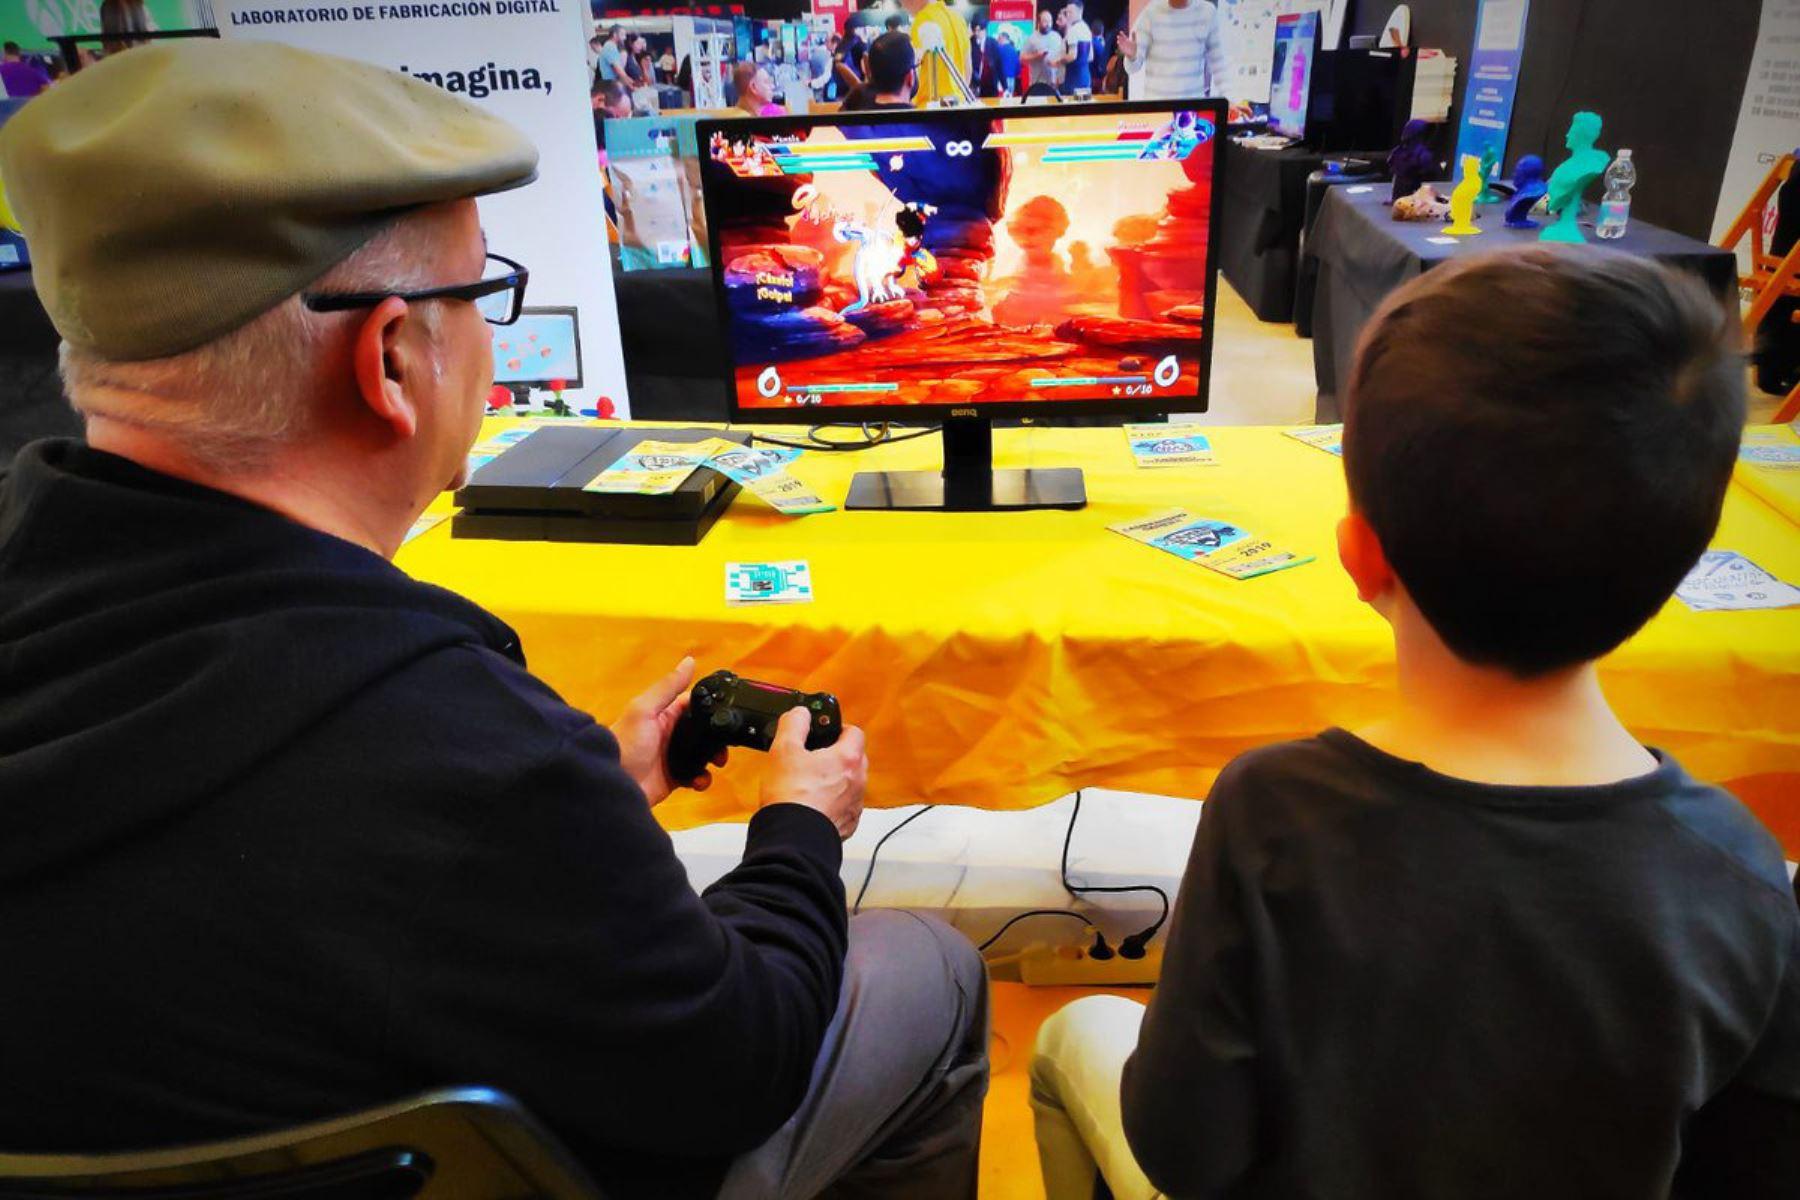 Encuesta reveló que es significativo el número de adultos que practica videojuegos. Foto: Twipu.